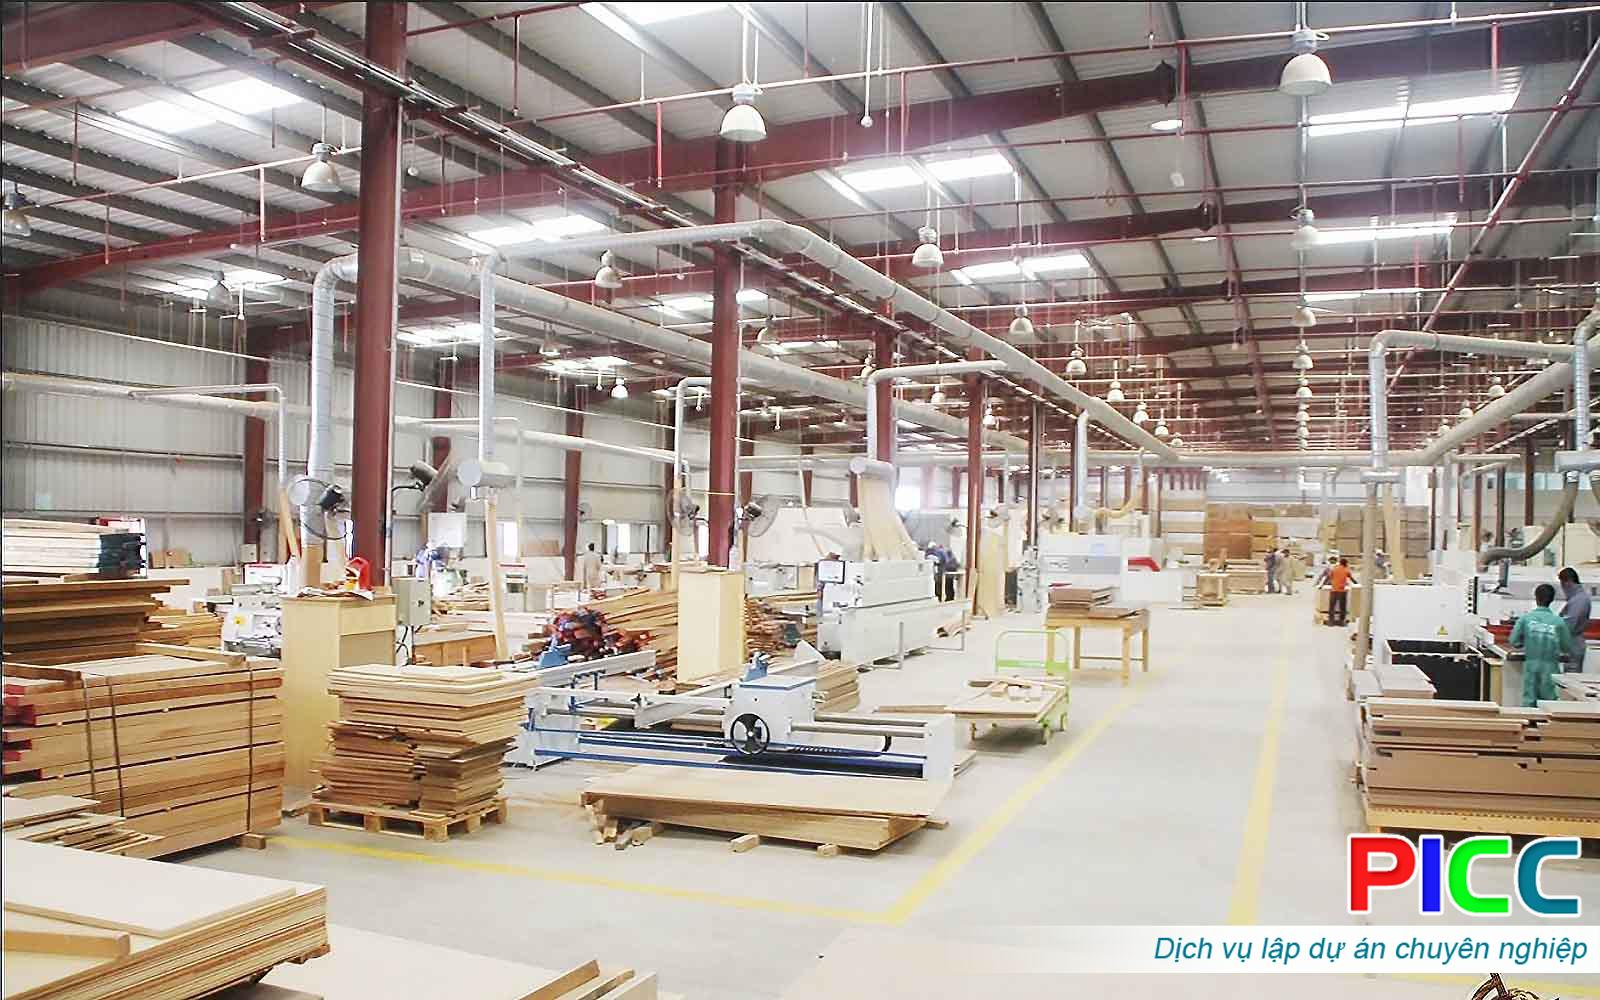 Nhà máy chế biến gỗ tỉnh Đăk Lăk